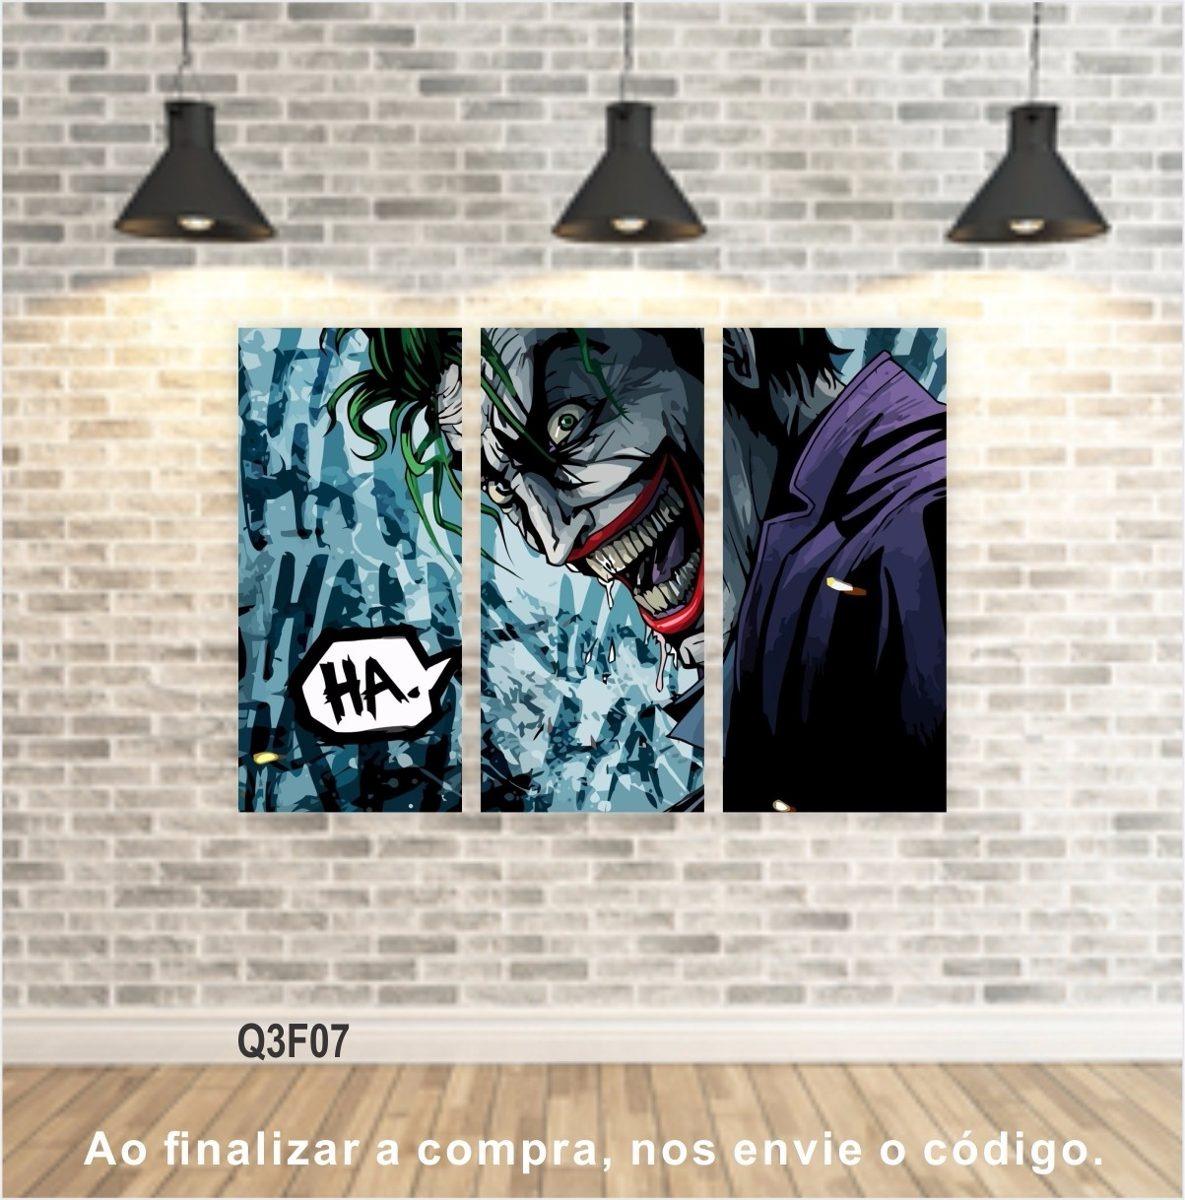 9fc9bf4e8 quadros filmes series decorativos telas canvas conjunto de 3. Carregando  zoom.